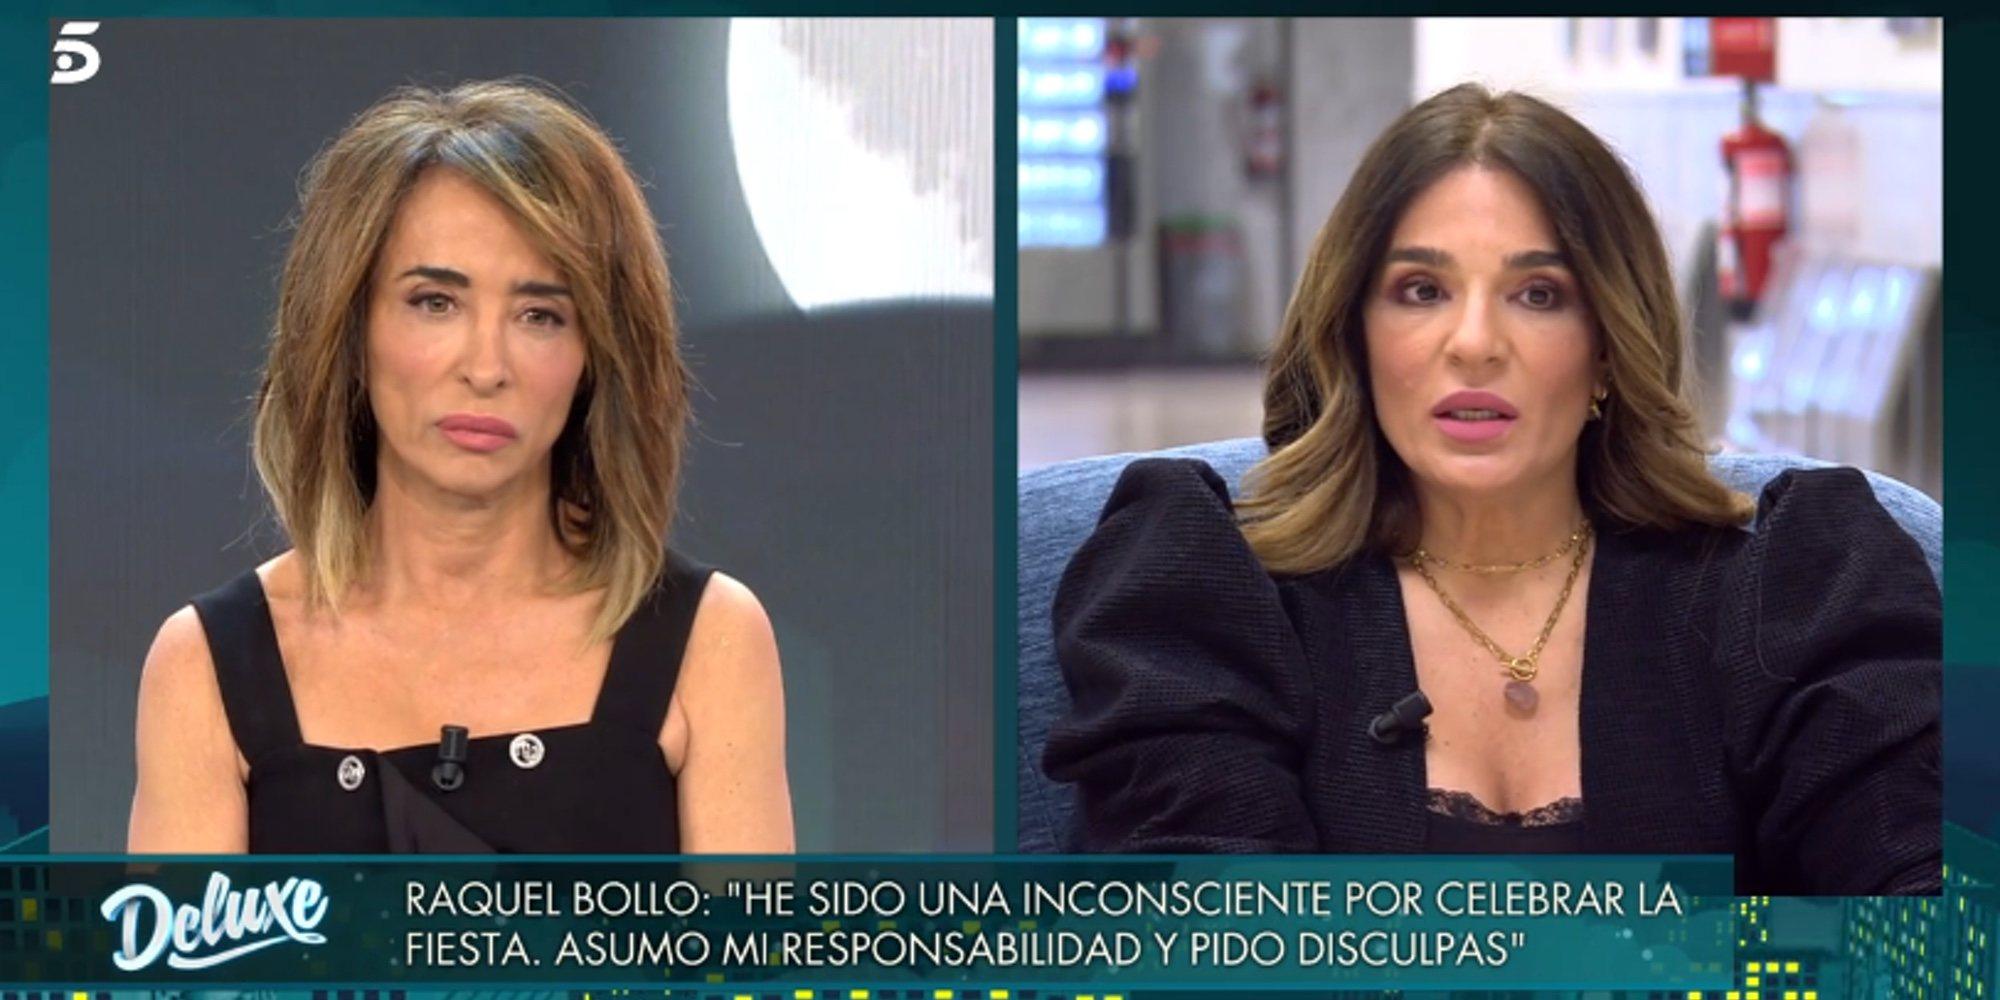 """Raquel Bollo tras saltarse las medidas anticovid con una fiesta: """"No puedo justificar nada, solo asumir la culpa"""""""